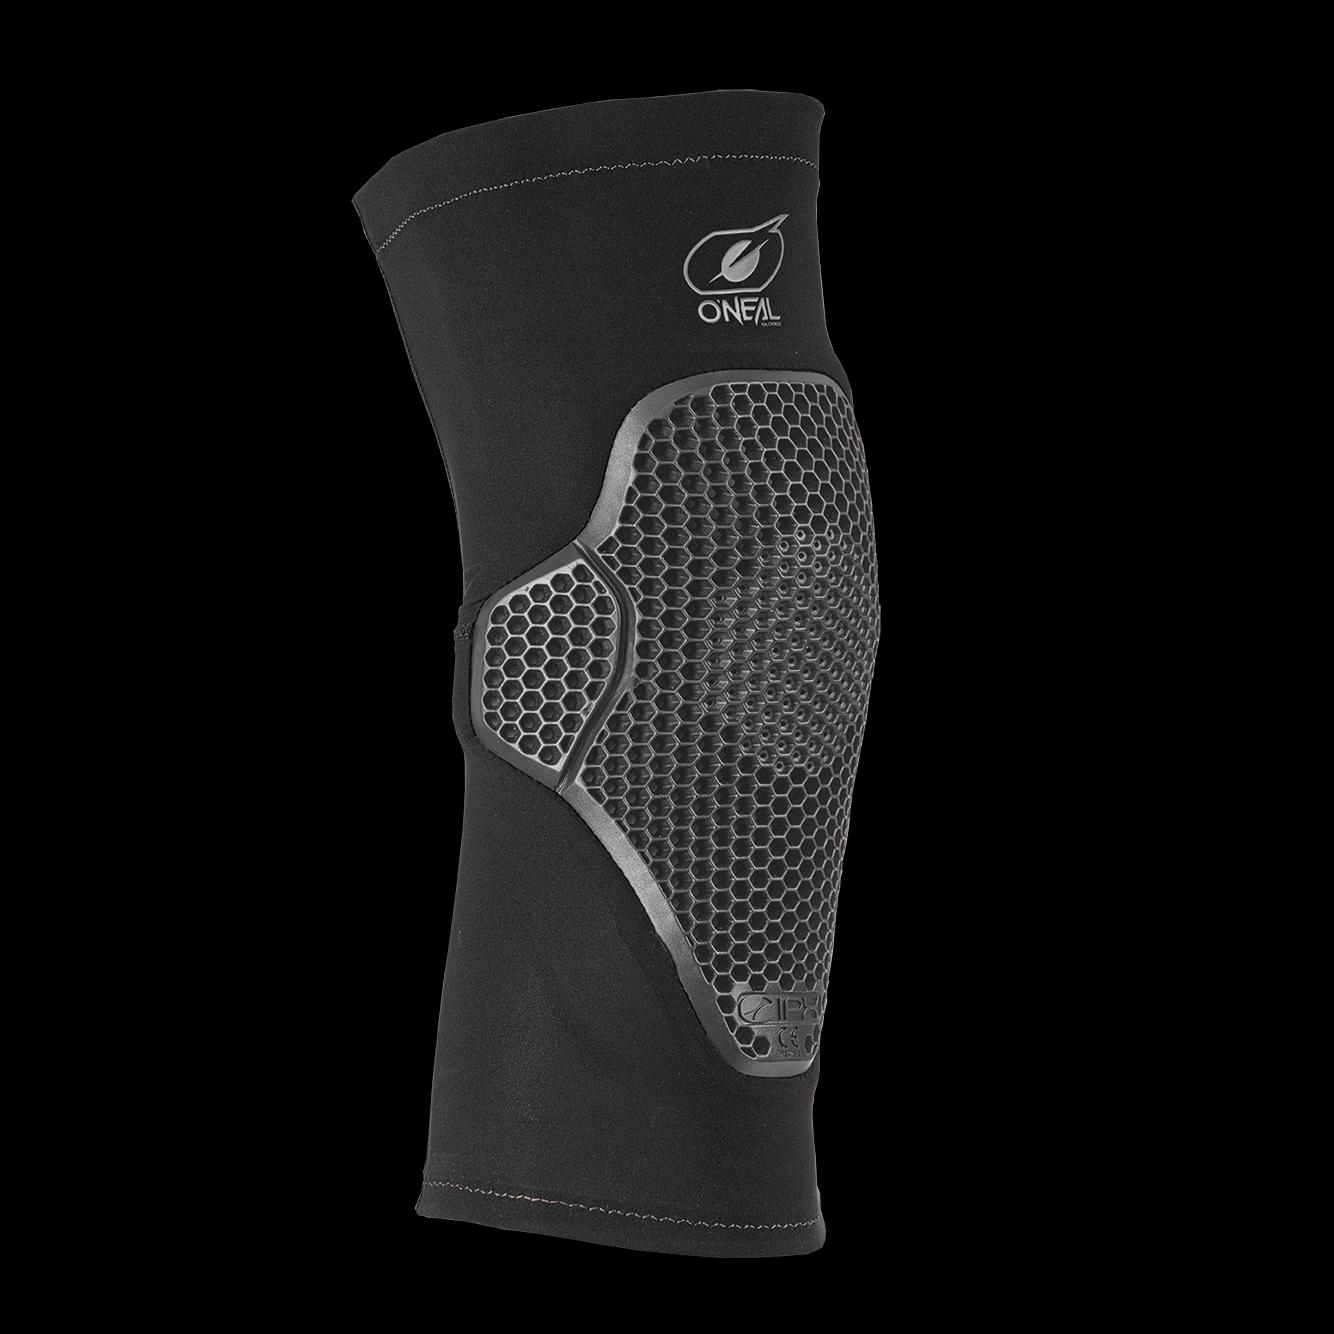 Lehká ochrana pro kolena. Jeden ze způsobů, jak eliminovat riziko zranění a odřenin při pádu.